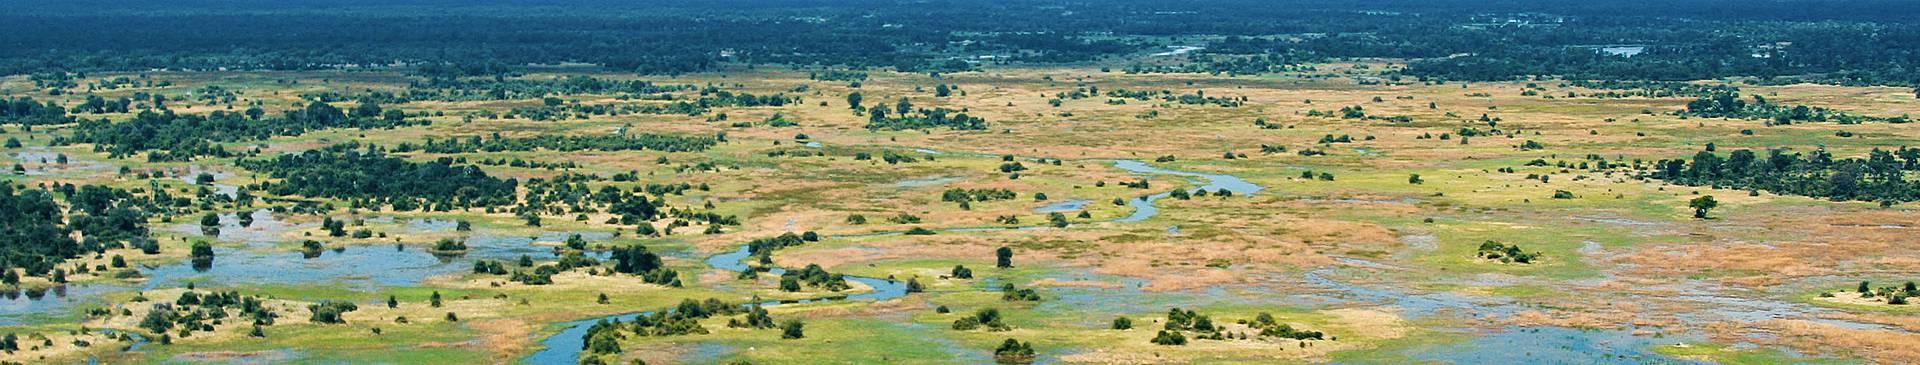 Naturreisen Botswana